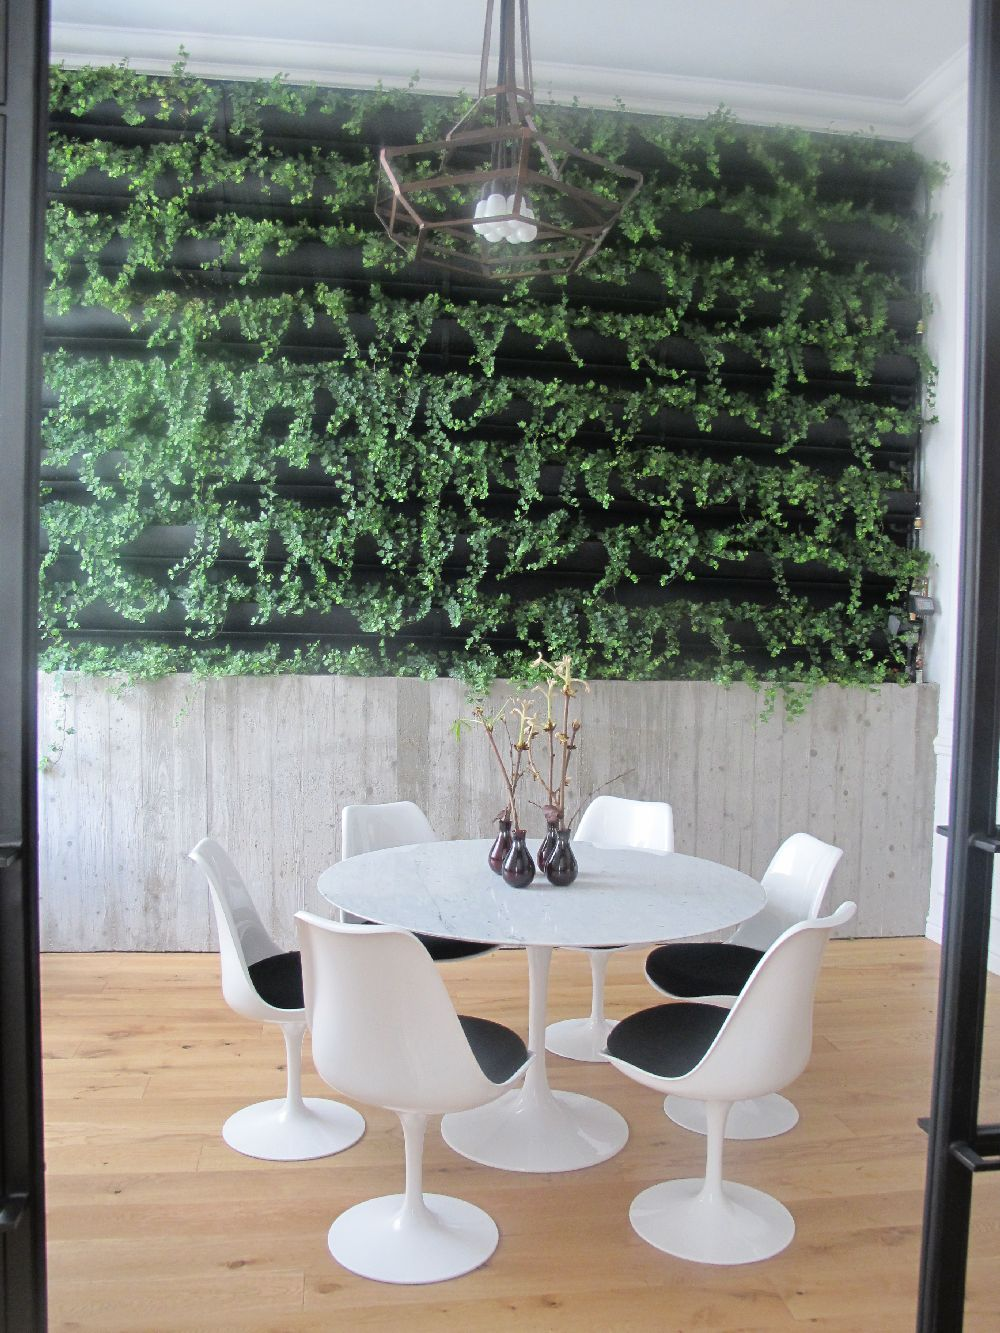 adelaparvu.com despre atelierul designerului florist Nicu Bocancea, Foraria Iris, design interior Pascal Delmotte (69)